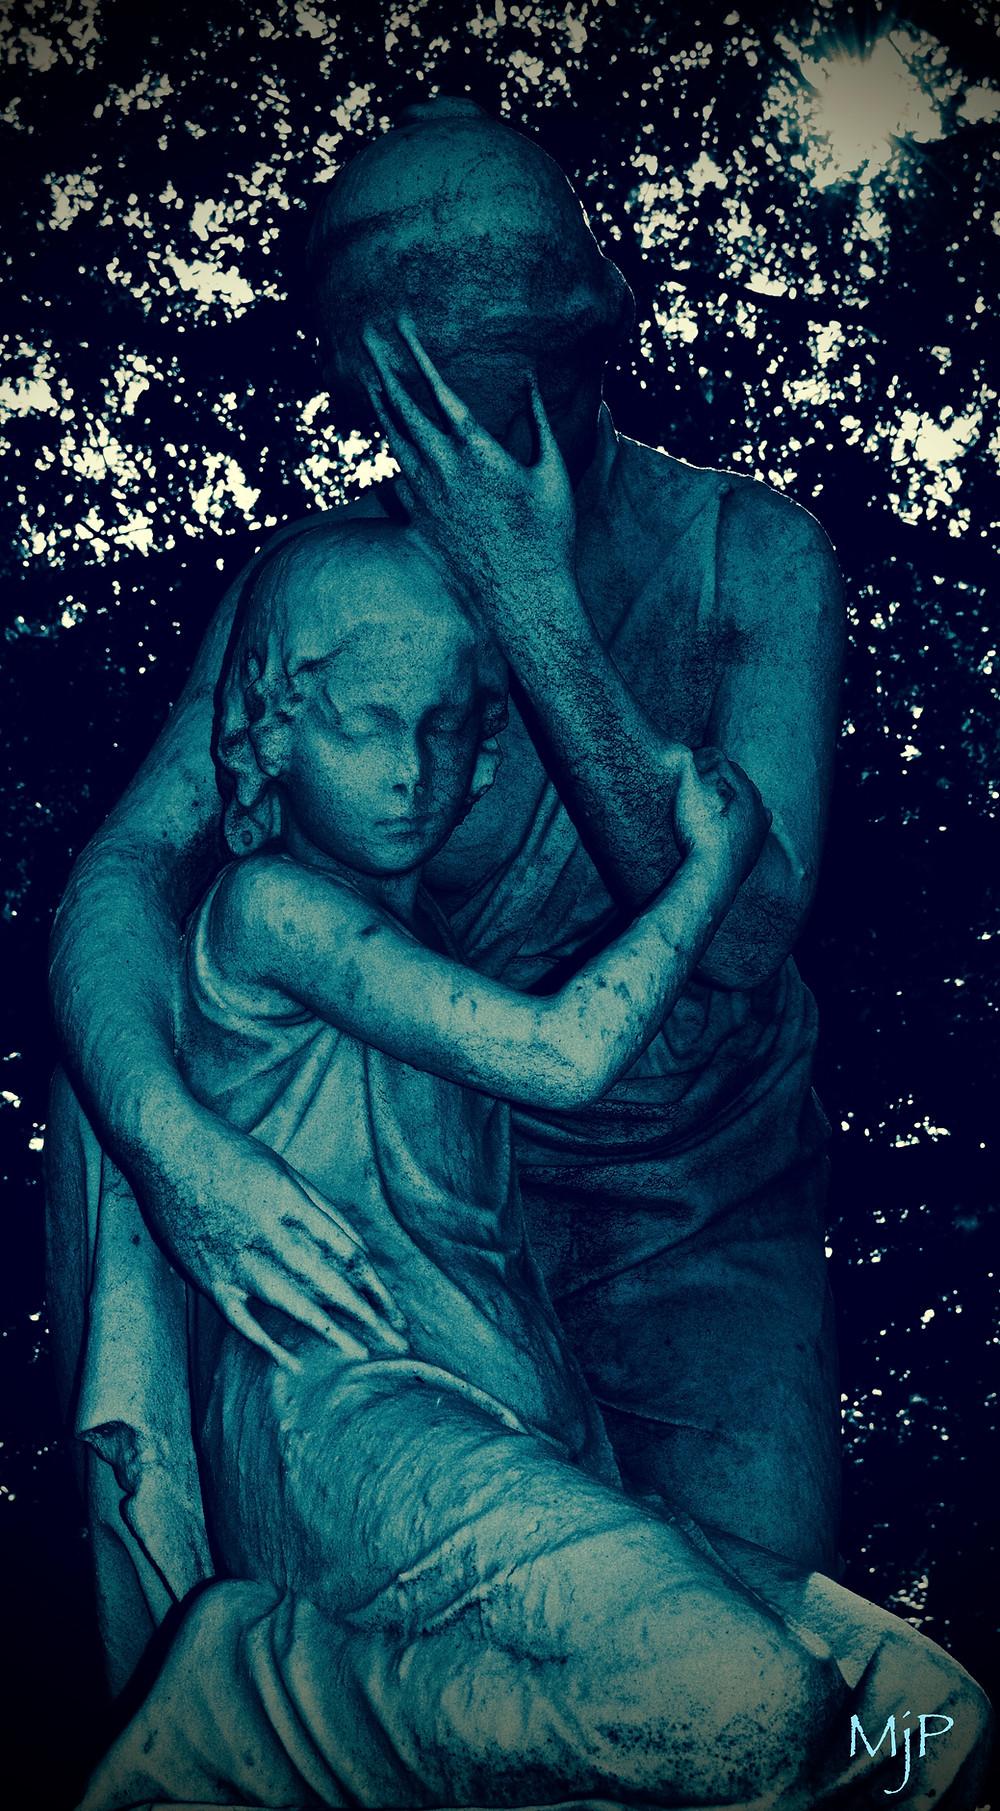 Mother Daughter Sculpture - Mj Pettengill